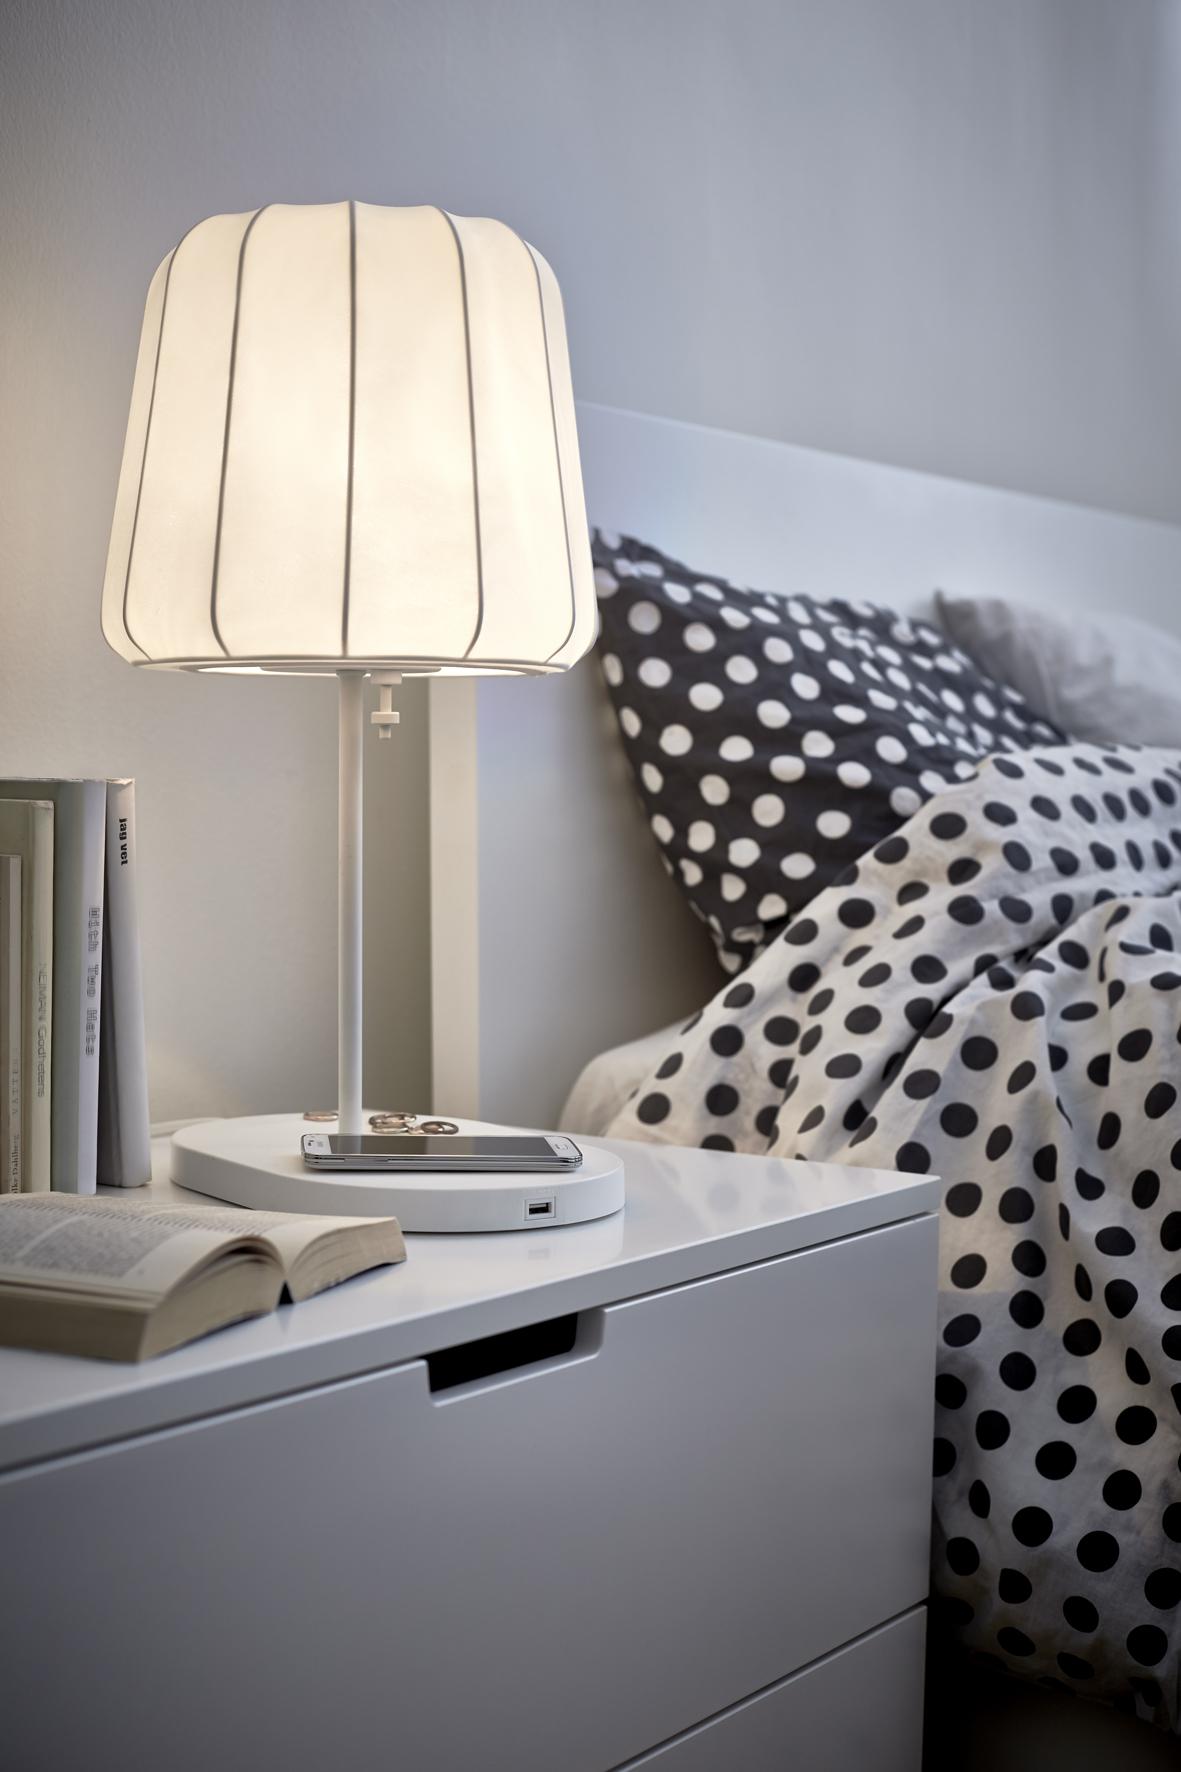 Praktisch Ikea Verkoopt Nu Meubels Met Ingebouwde Opladers One More Thing